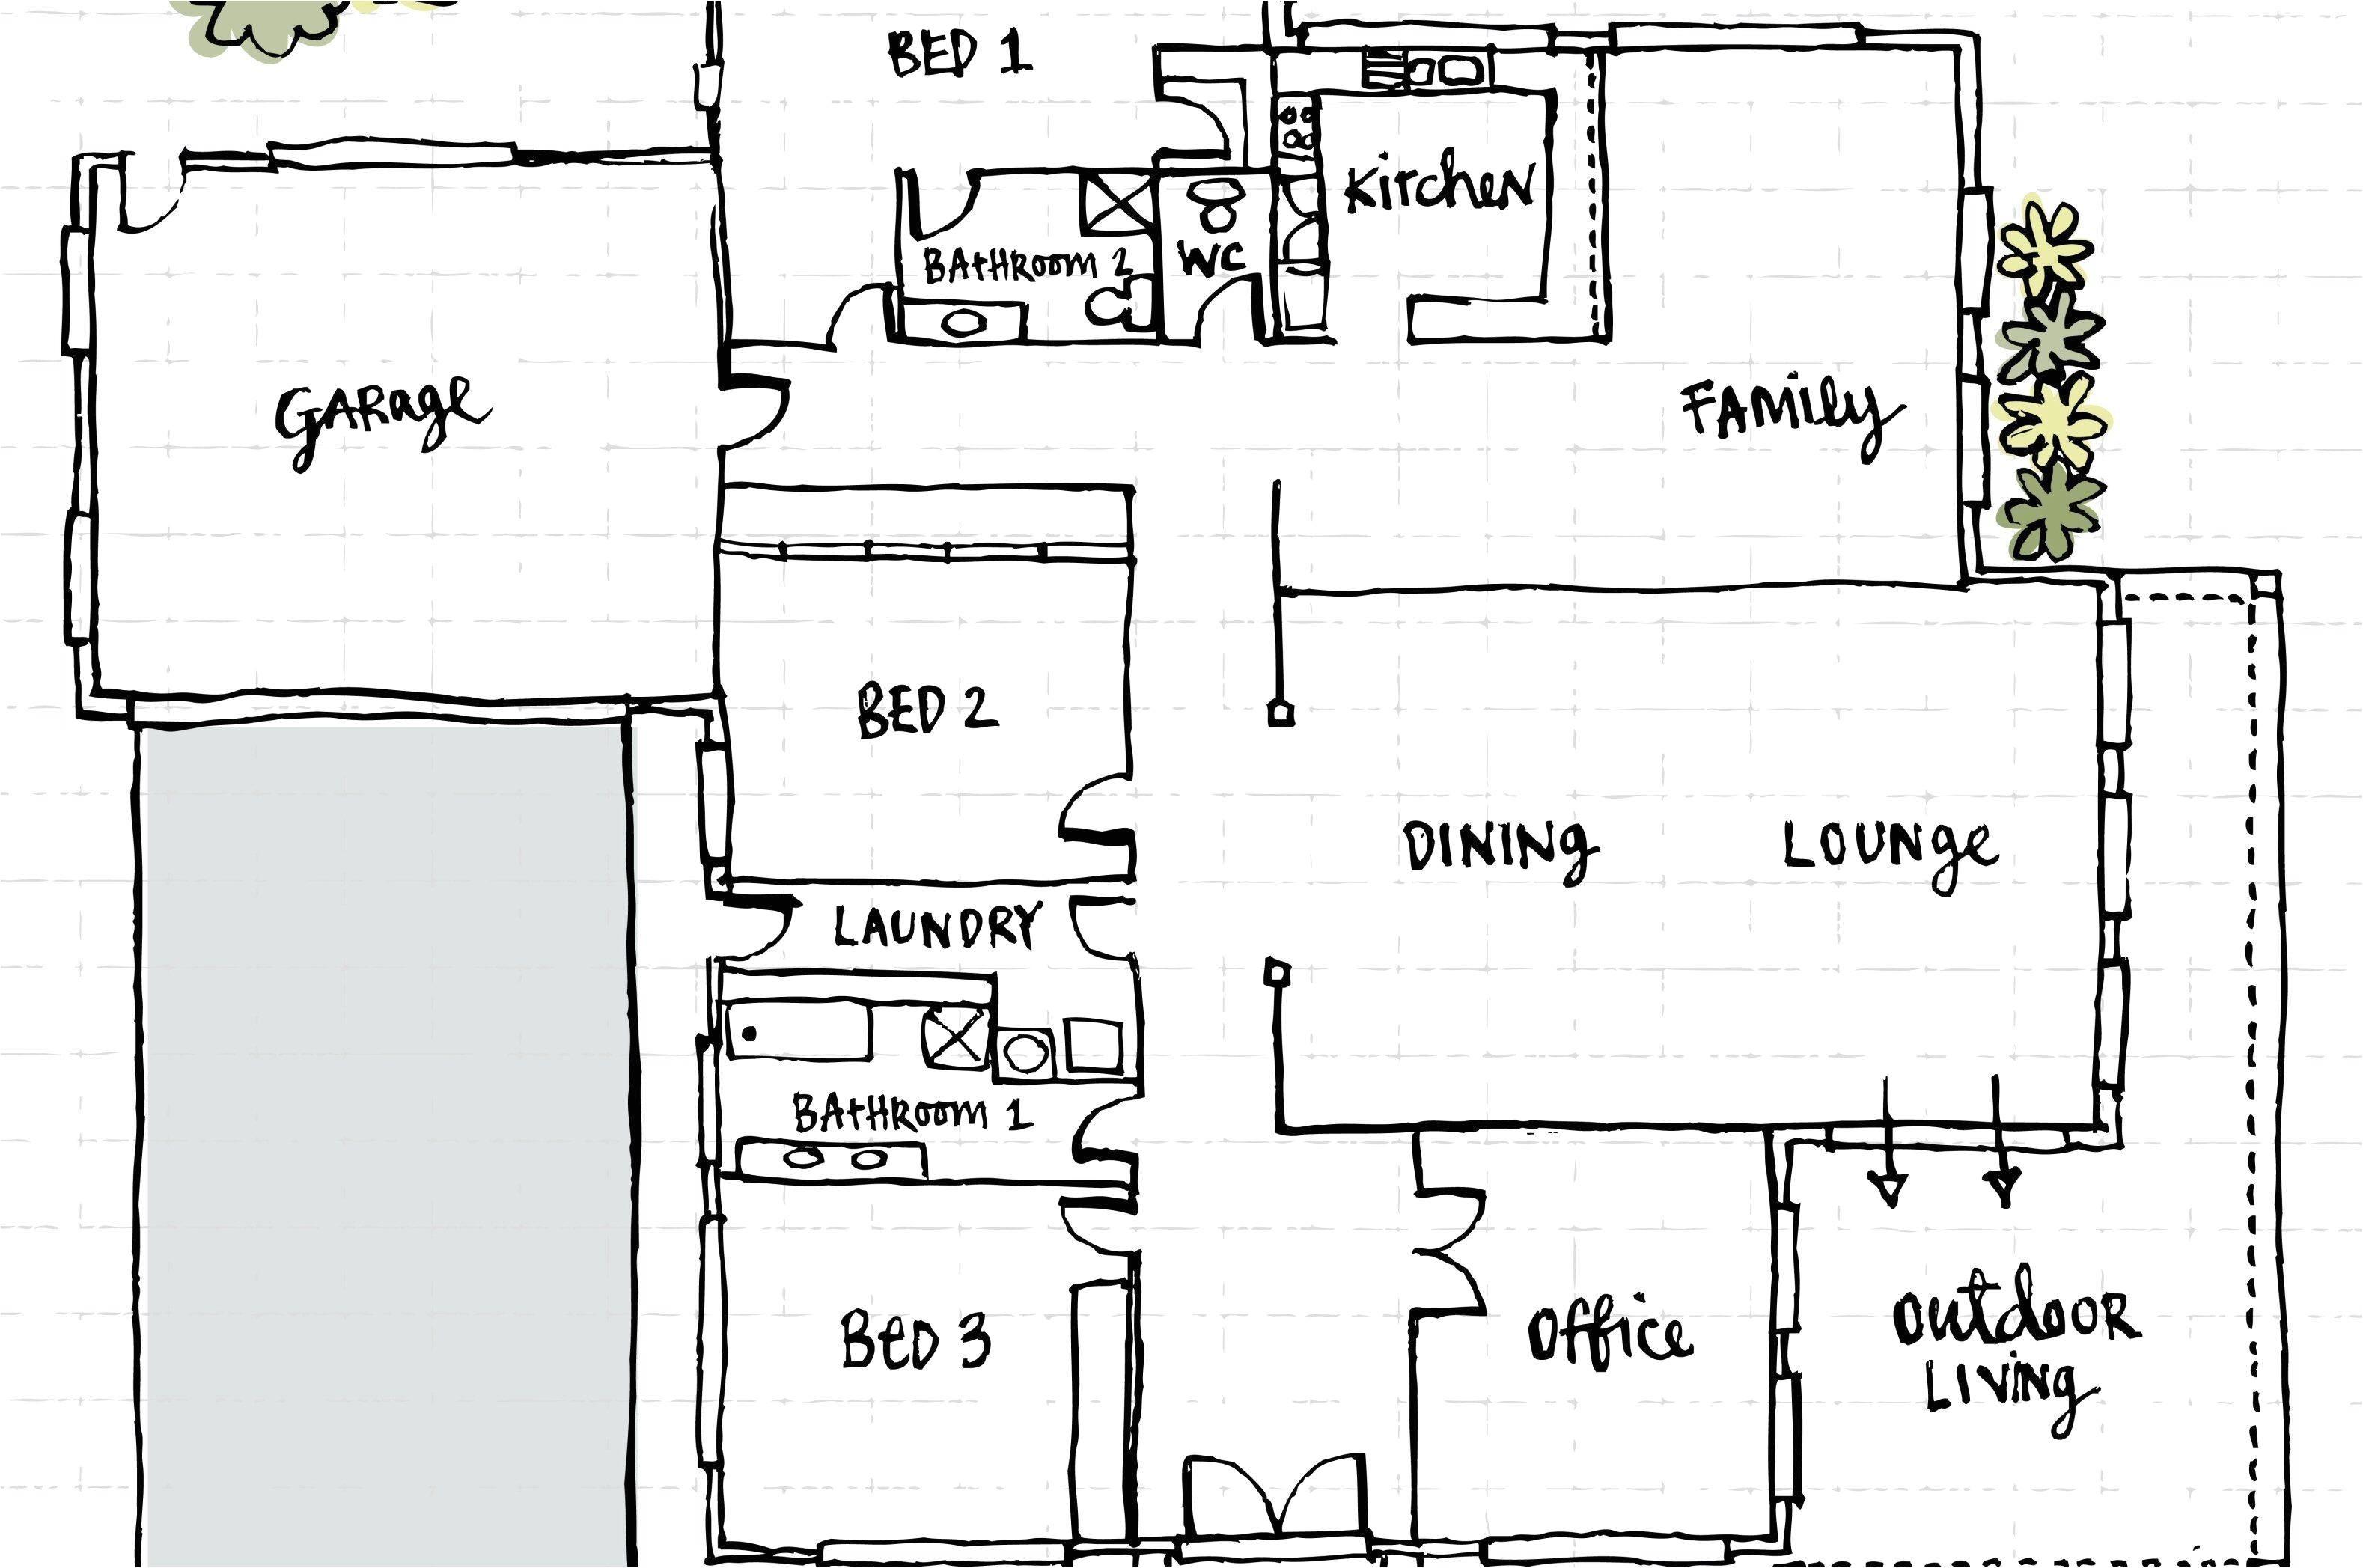 front view floor plan